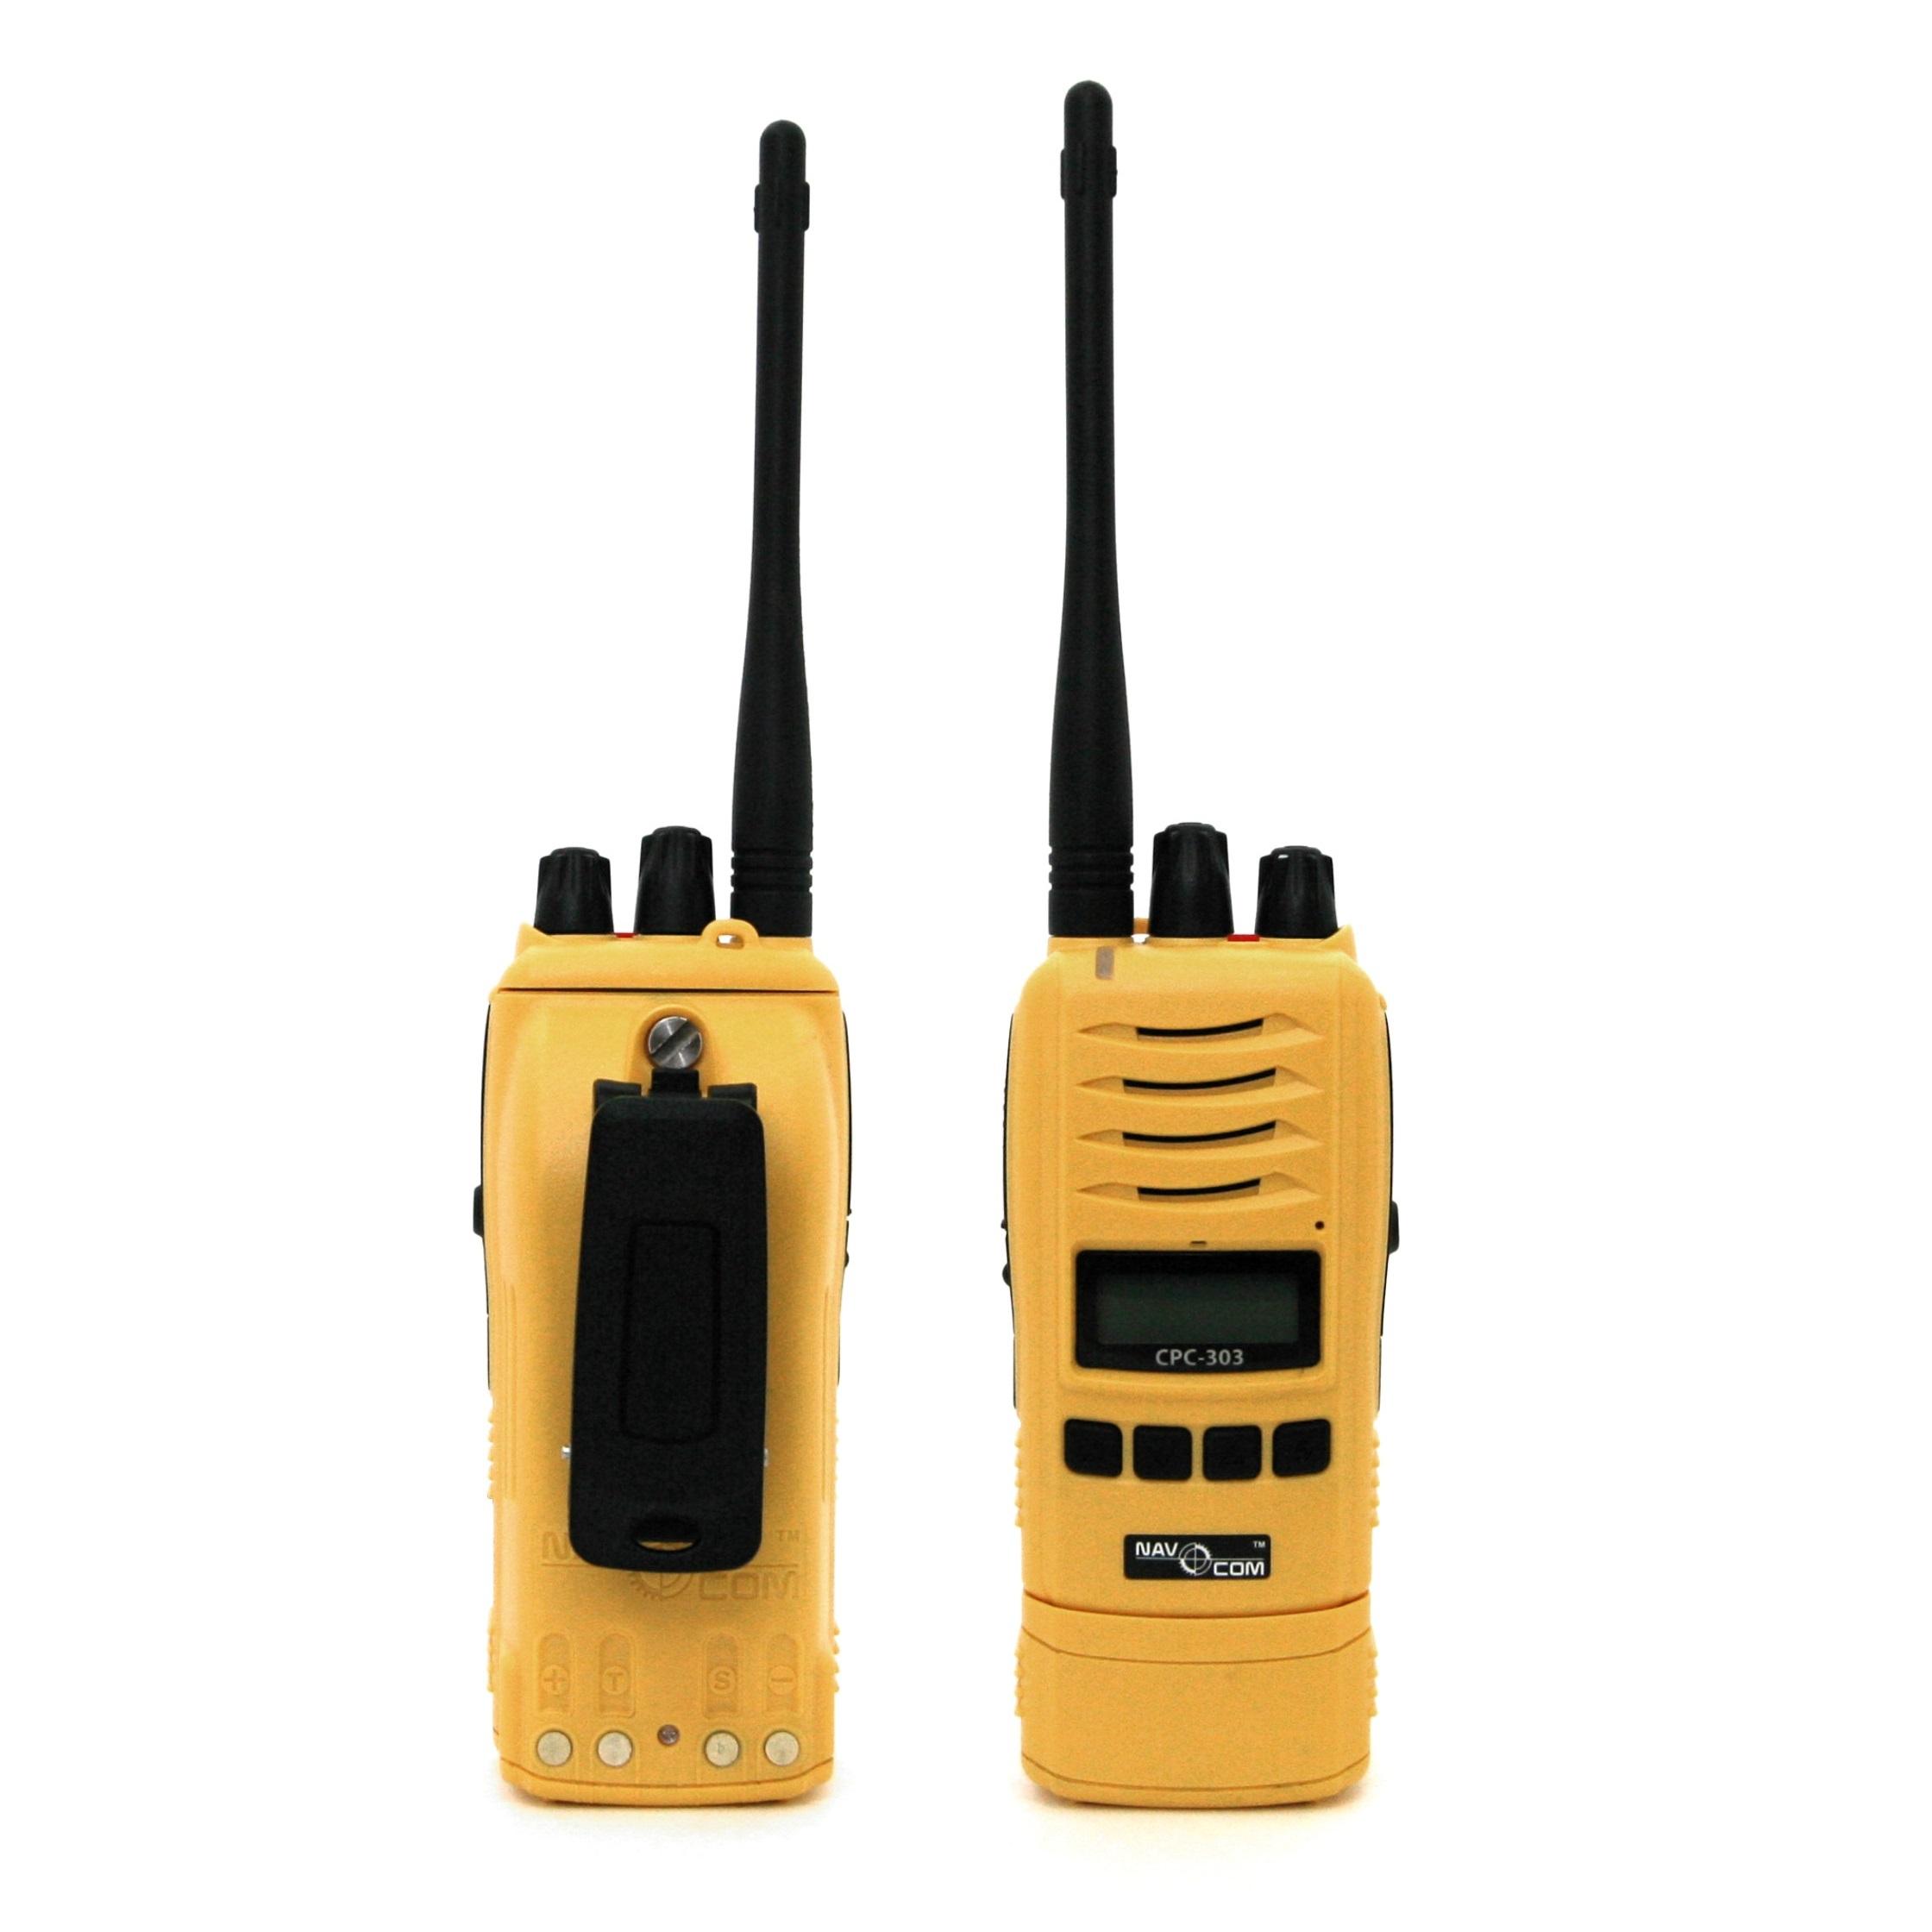 Речные рации  купить речную радиостанцию в Москве цена в